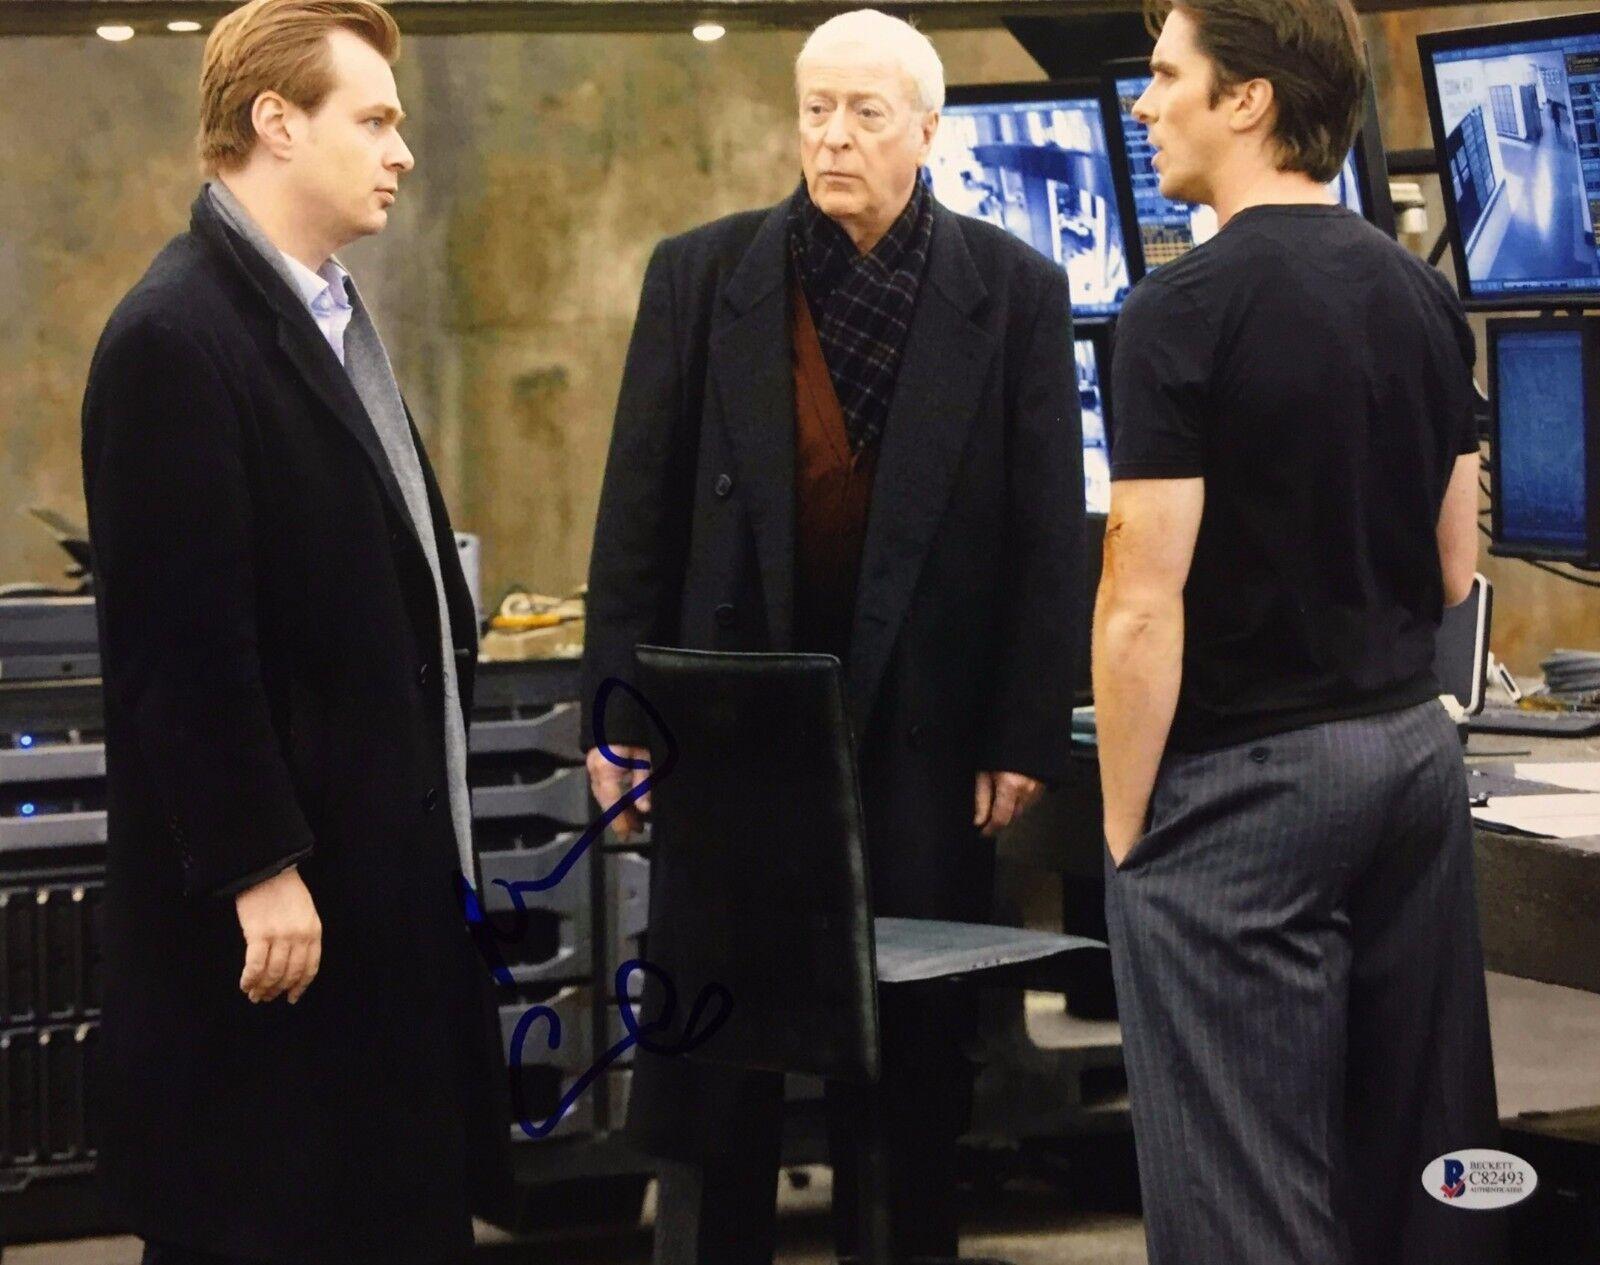 Michael Caine Signed 11x14 Photo Batman *Alfred *Butler Beckett BAS C82493